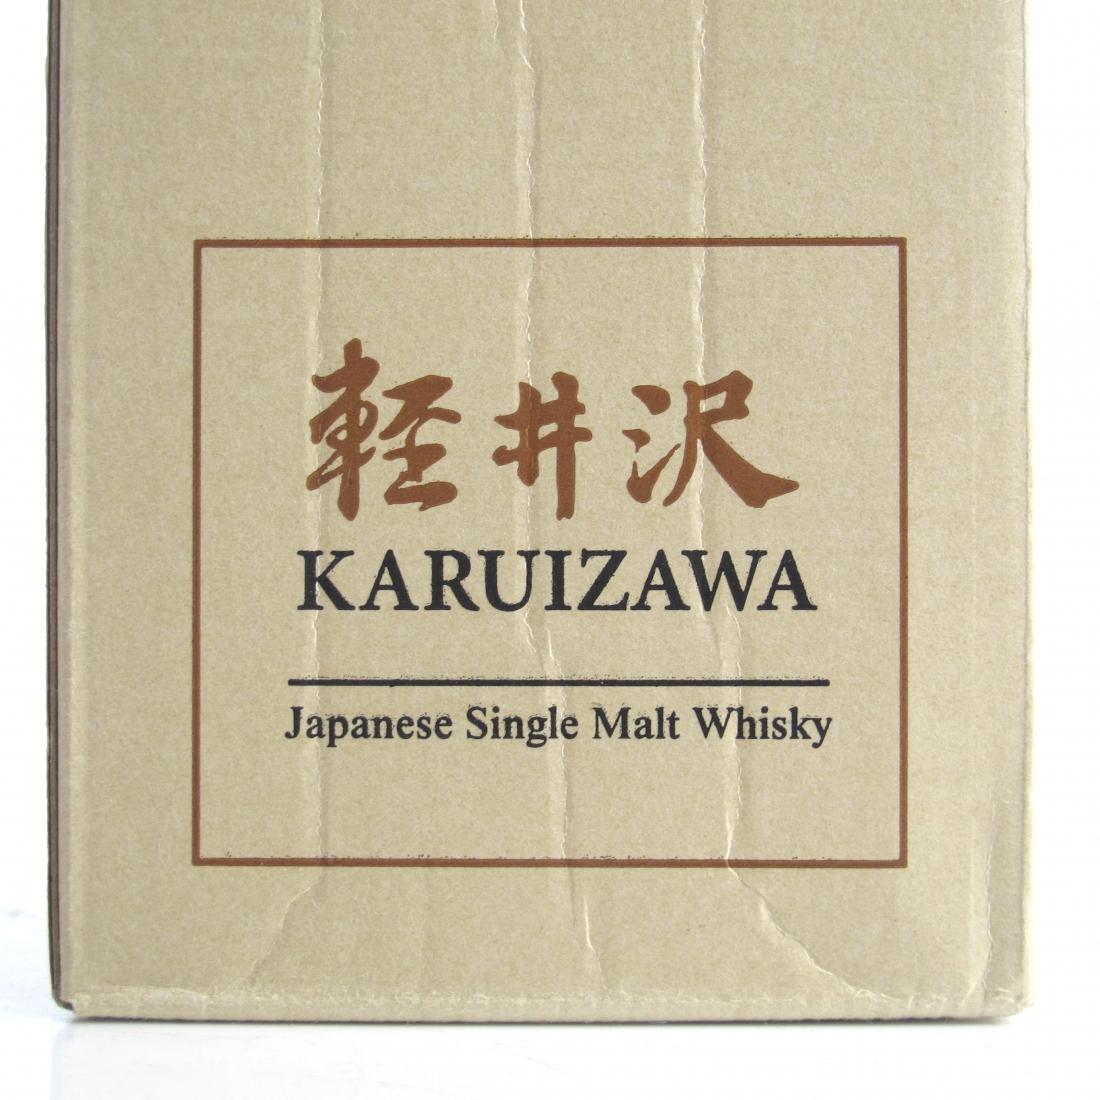 Karuizawa 1999/2000 Cask Strength 2nd Edition